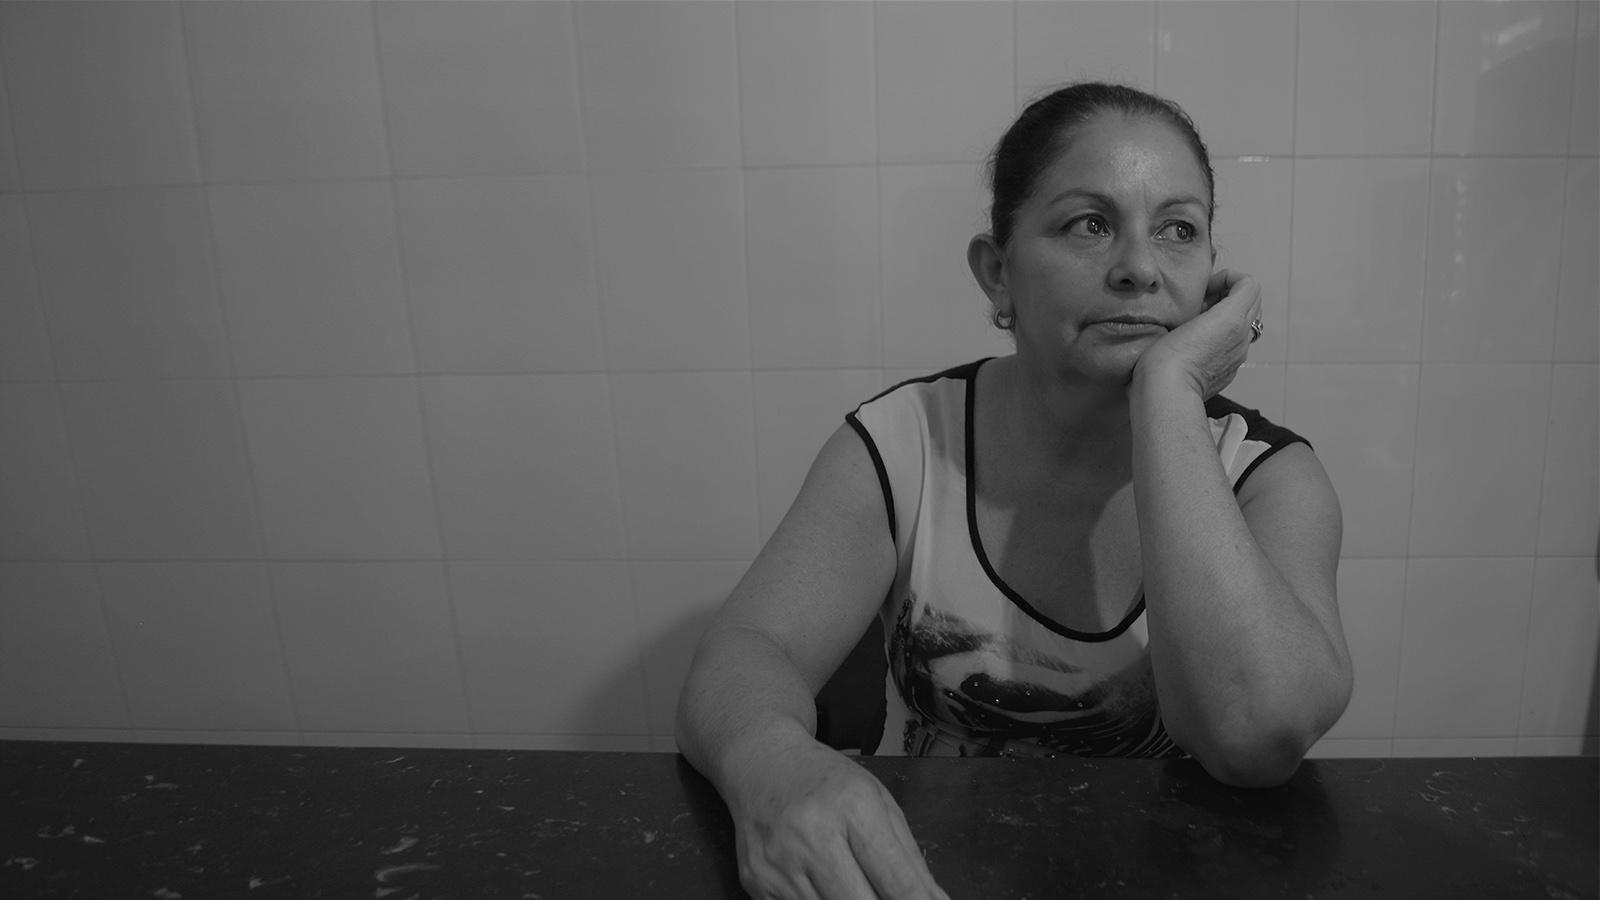 La angustia de una madre que busca a su hijo reclutado hace 17 años